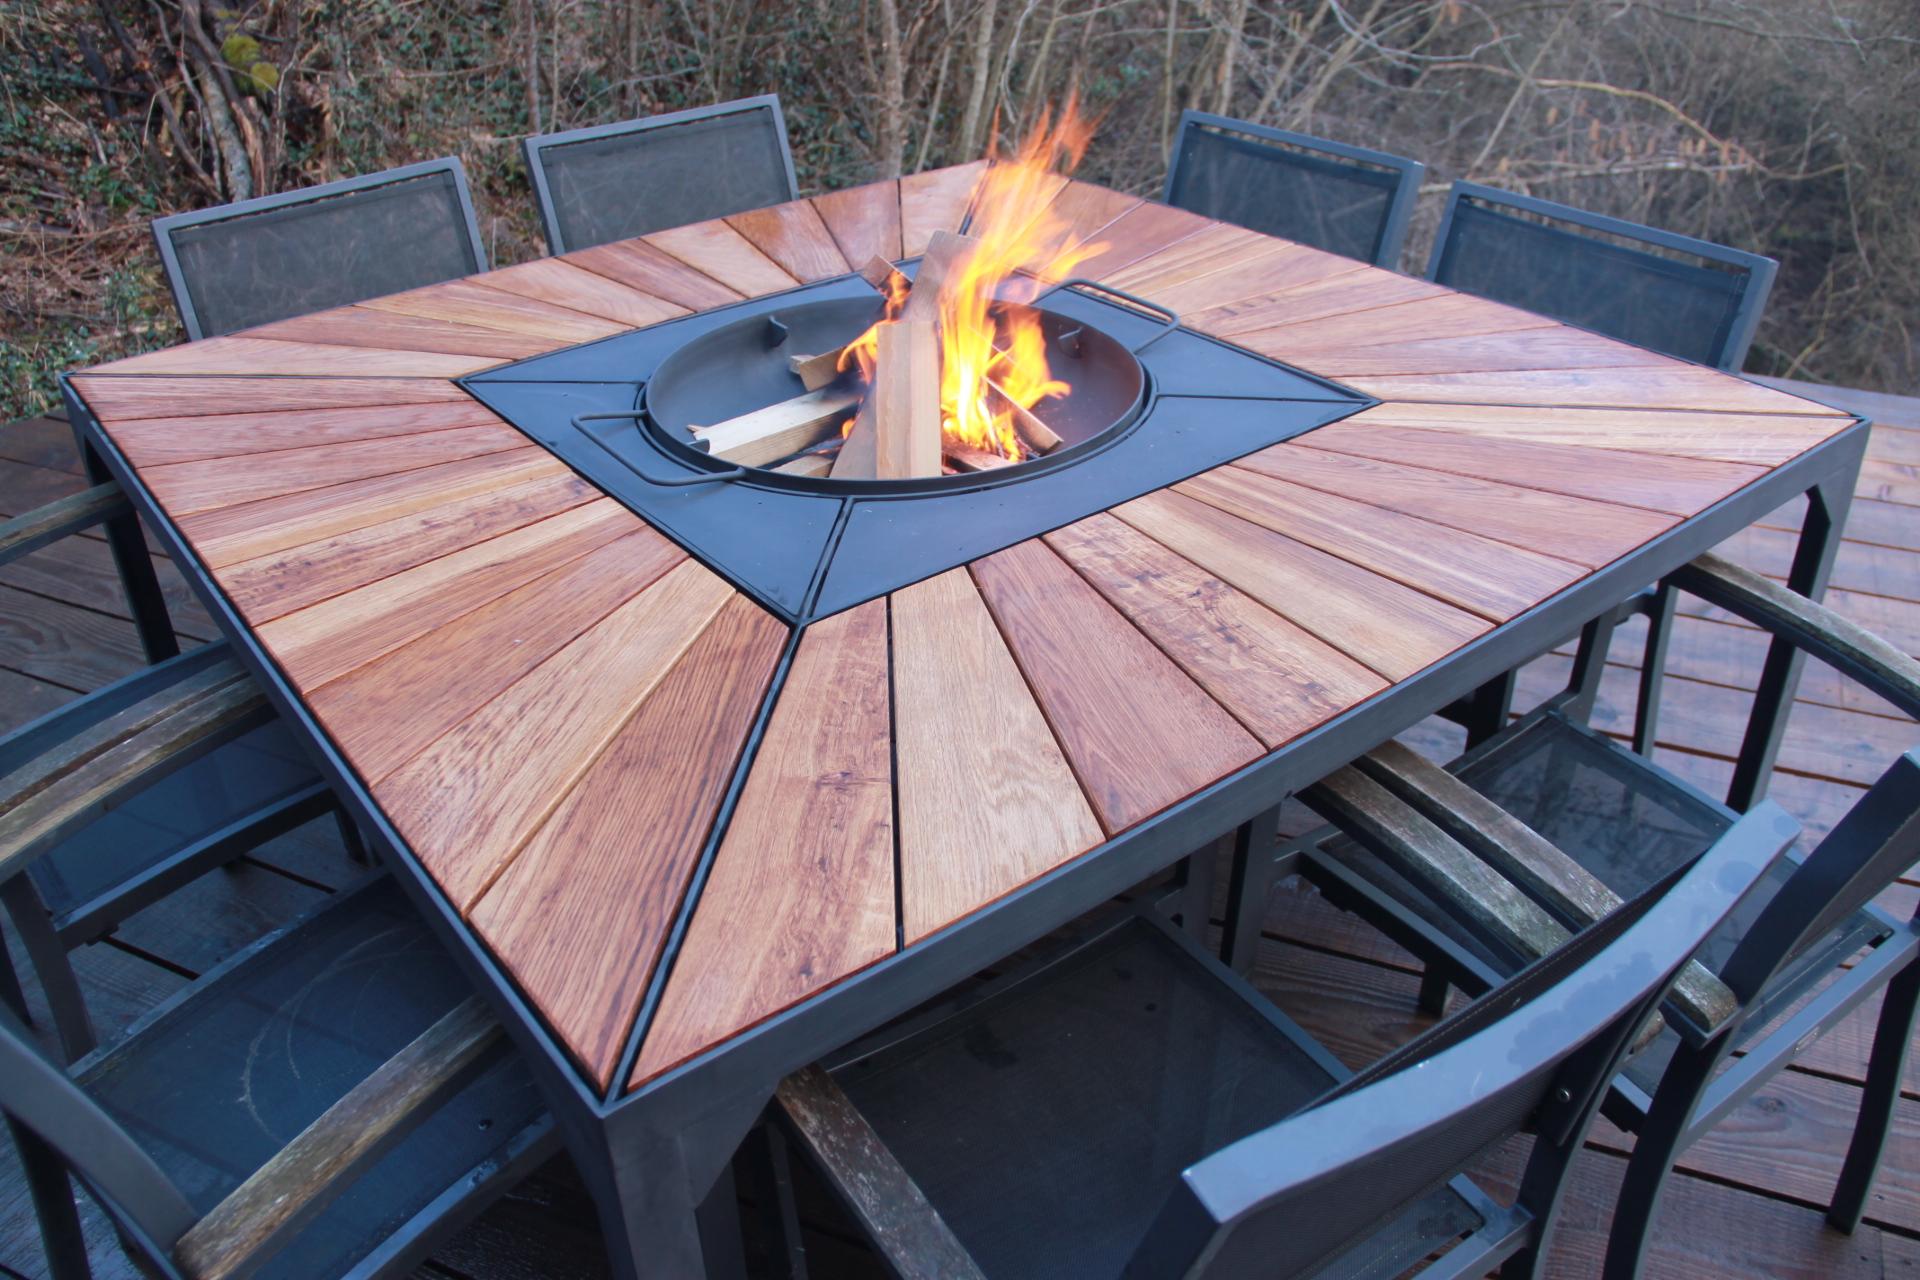 Table Bois Metal Exterieur bolga, la table à feu par bonobo